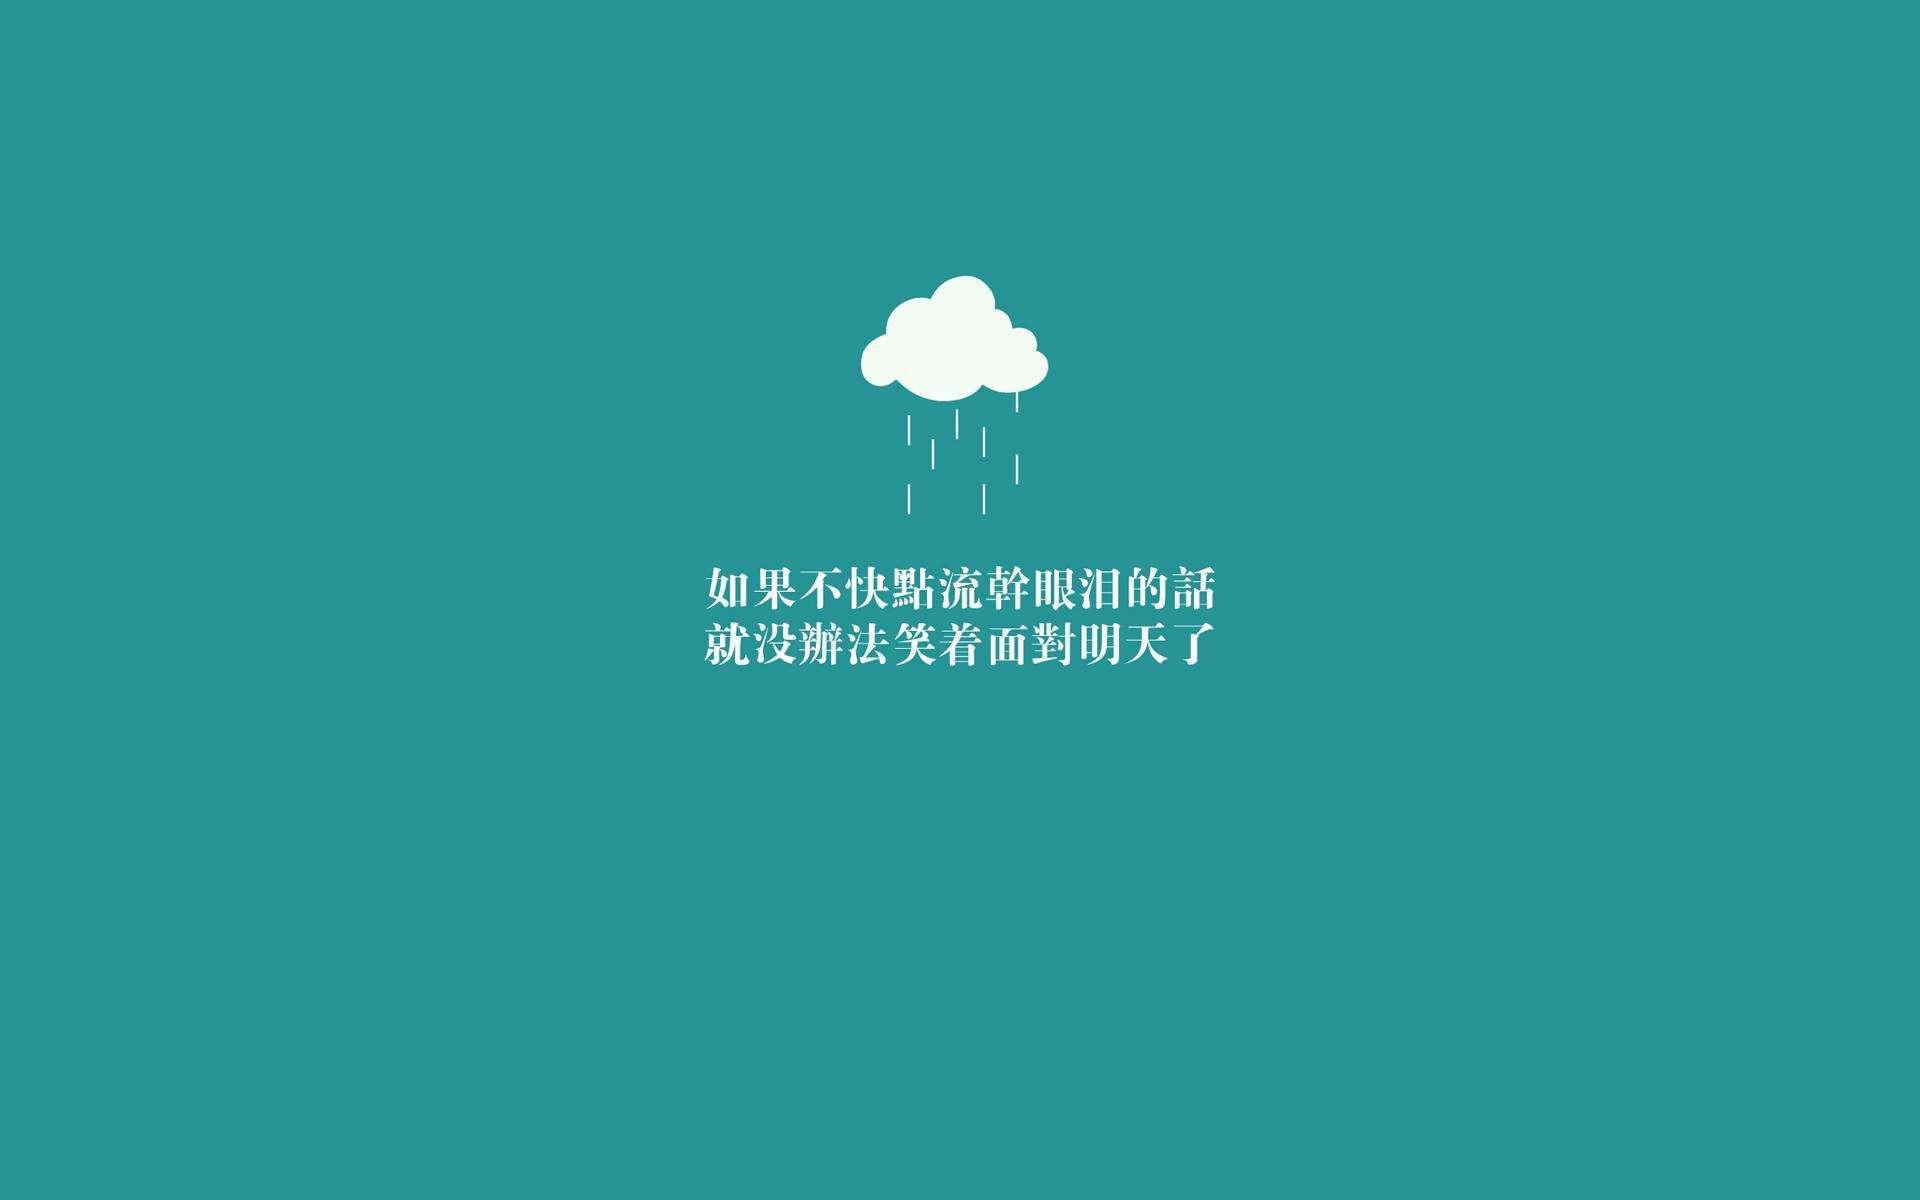 2018简短正能量诗句句子精选